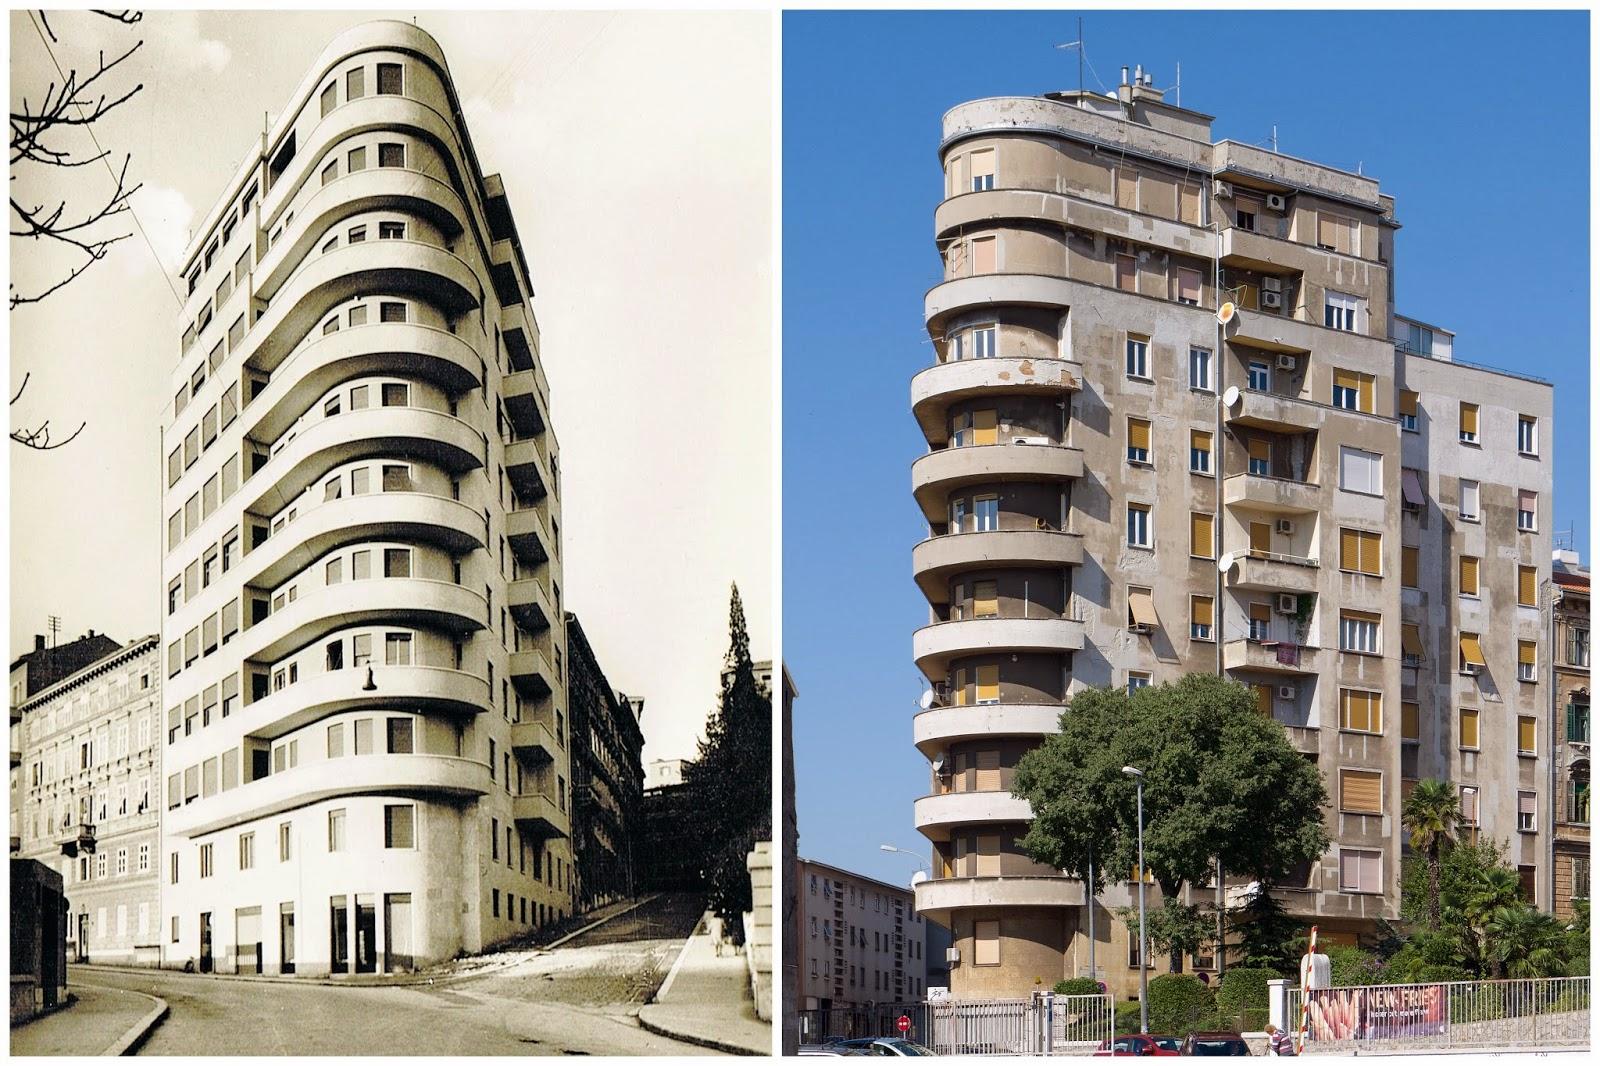 Tra fiume e trieste il grattacielo piccolo di fiume for Architettura fascista